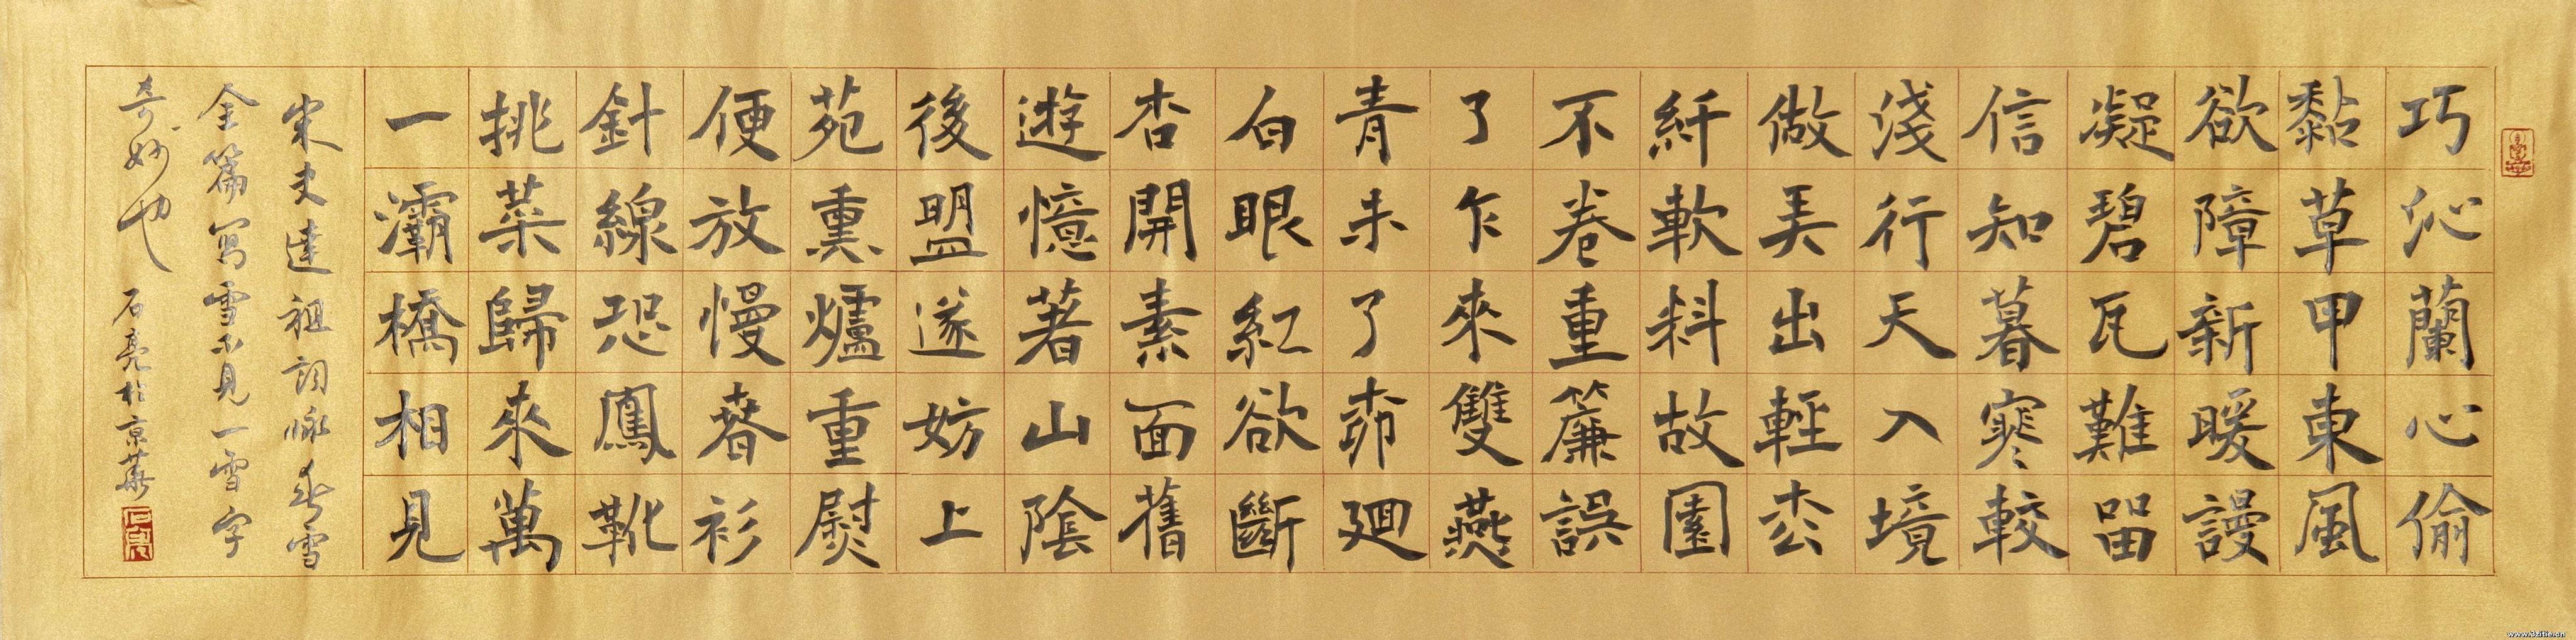 书法家石亮楷书精品——-宋代.史达祖词【咏春雪】图片图片